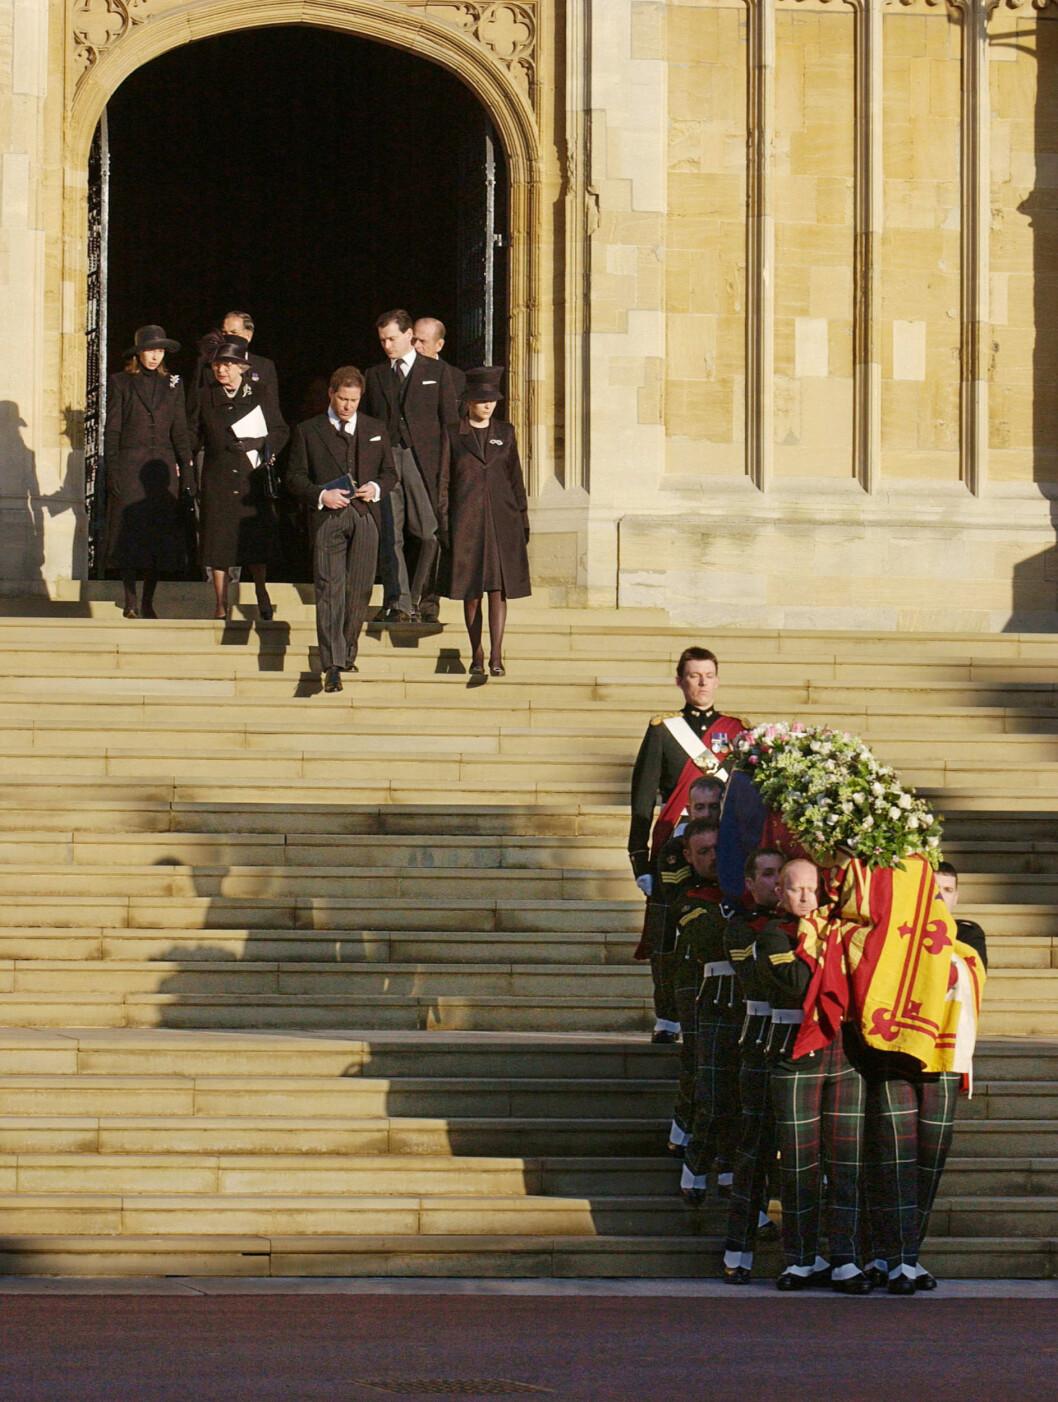 <strong>BEGRAVELSE:</strong> Den 15. februar 2002 ble prinsesse Margaret gravlagt fra St George's Chapel ved Windsor slott. Hun ble 71 år. Foto: NTB Scanpix